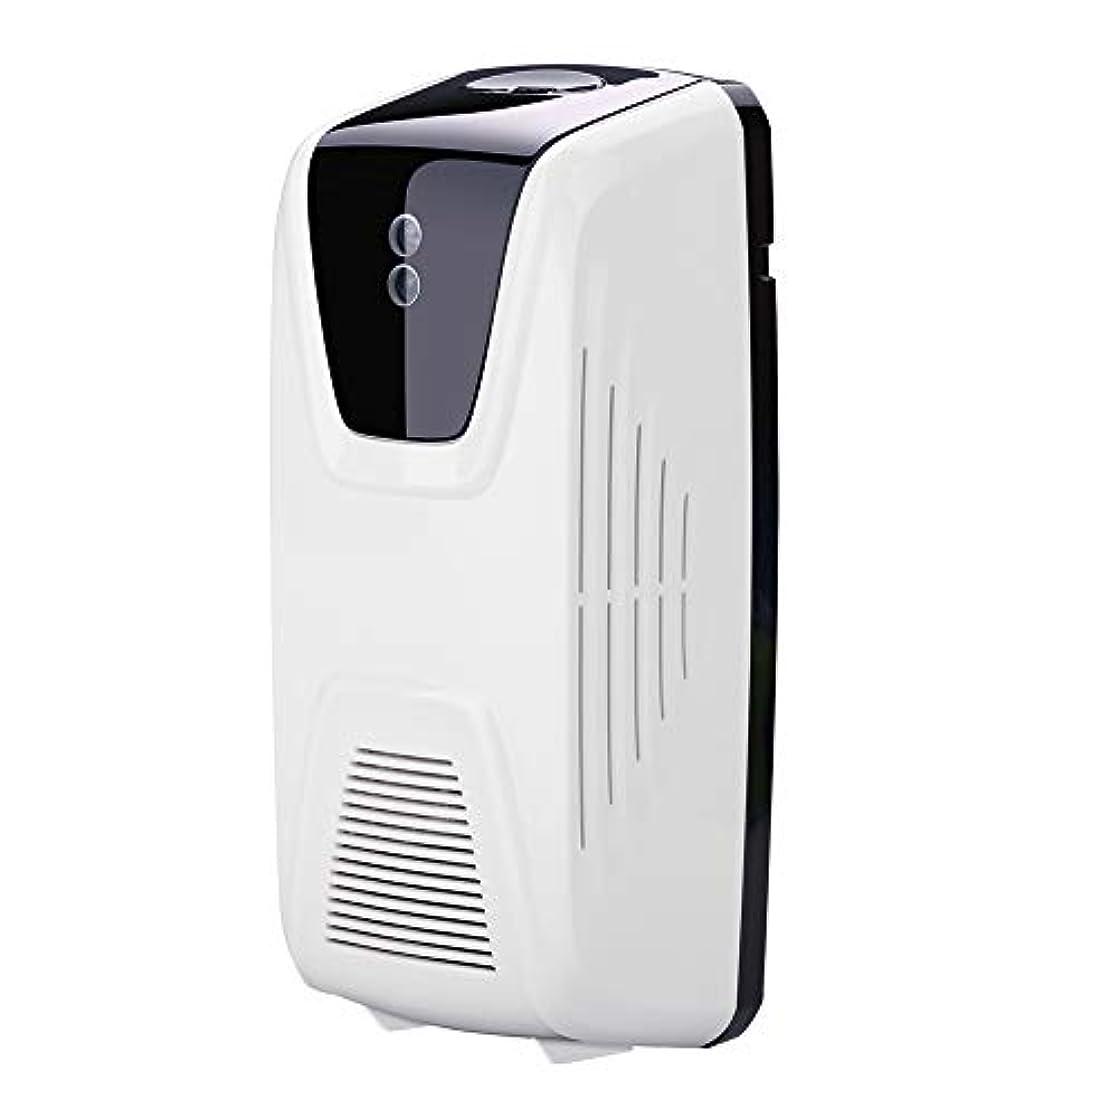 家具テレマコスを必要としていますRakuby ファン型 自動 軽いセンサー 空気清浄 ディスペンサー使用 エッセンシャルオイル 香水詰め替え スプレー缶